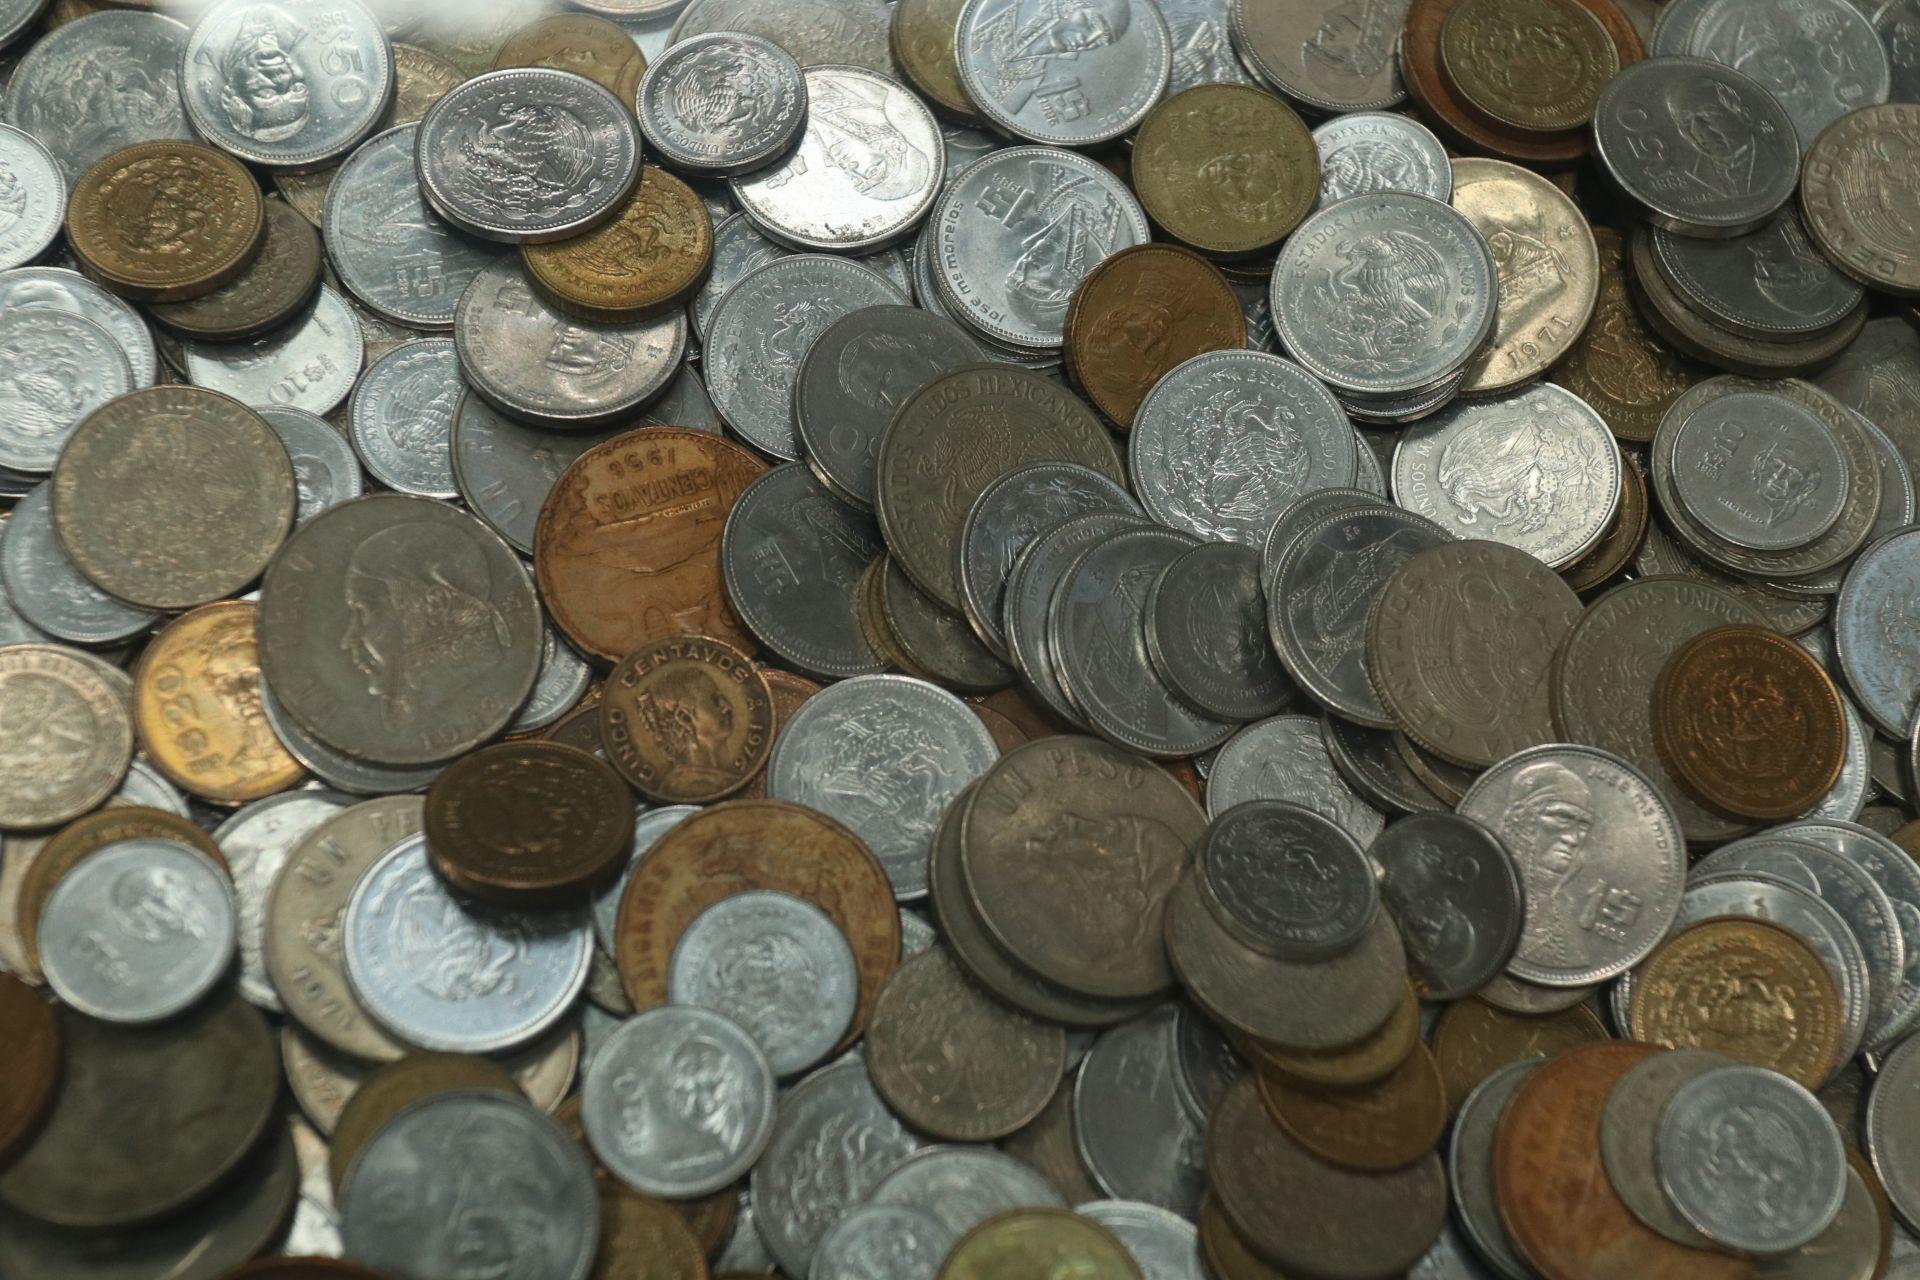 Revisen la morralla: Venden moneda conmemorativa de 5 pesos hasta en cinco mil